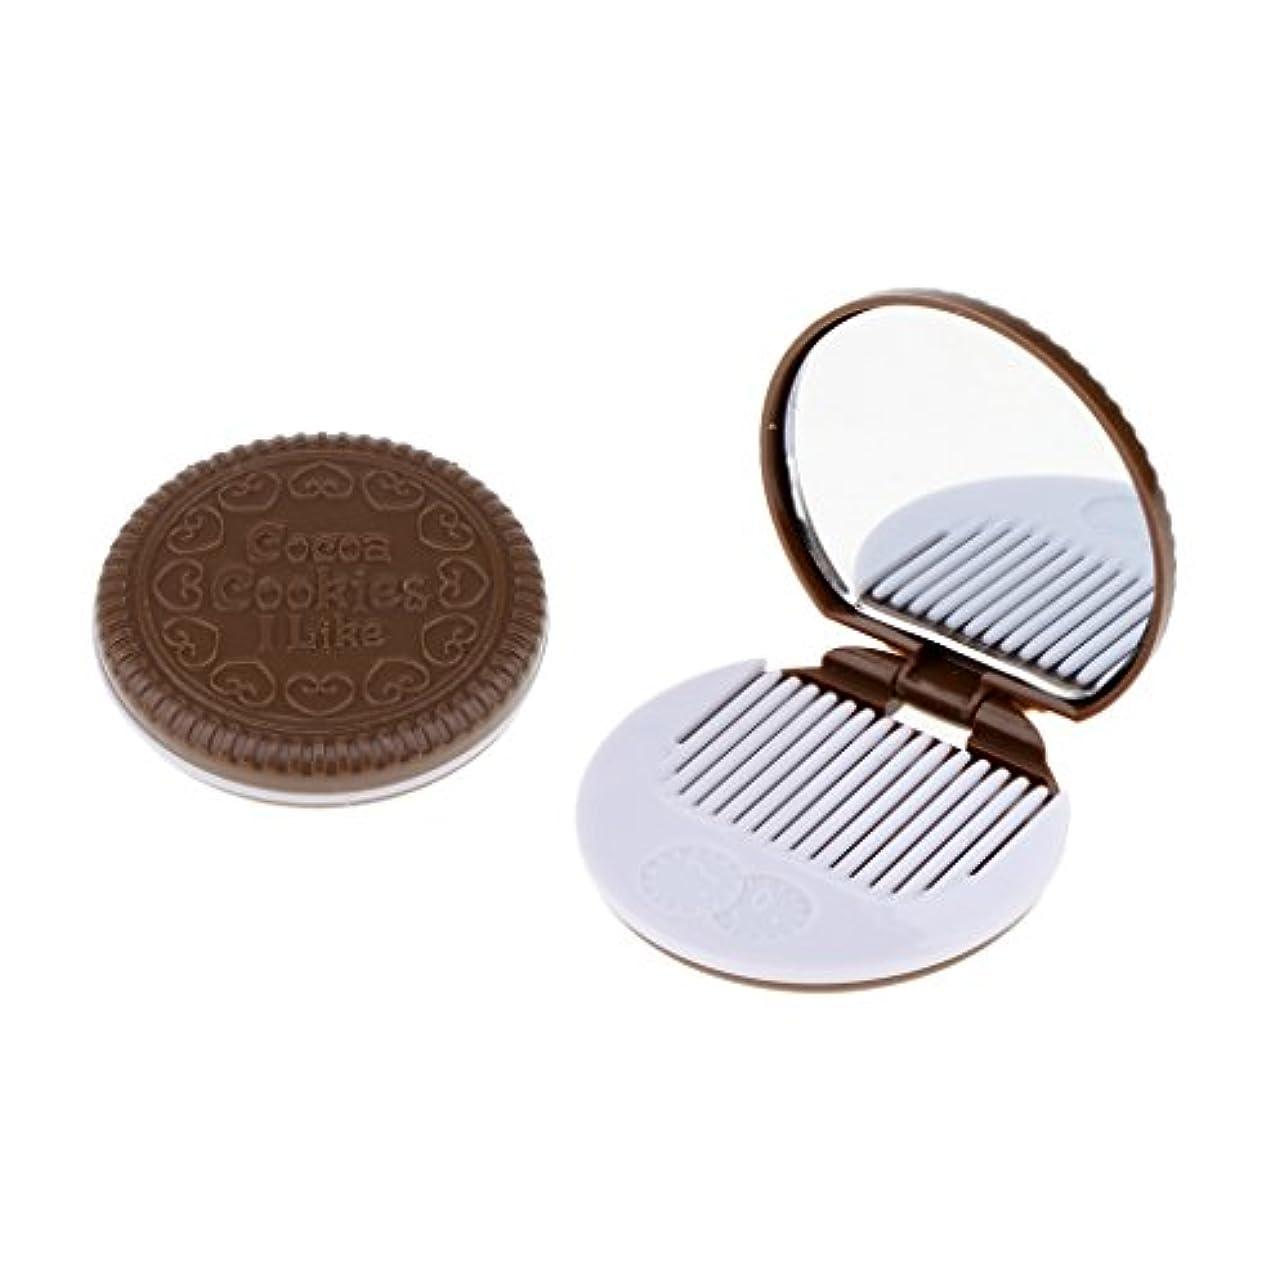 容赦ない兵士現代のToygogo 化粧鏡 メイクアップミラー メイクミラー ポケット 折りたたみ コーム 全4色 - 褐色